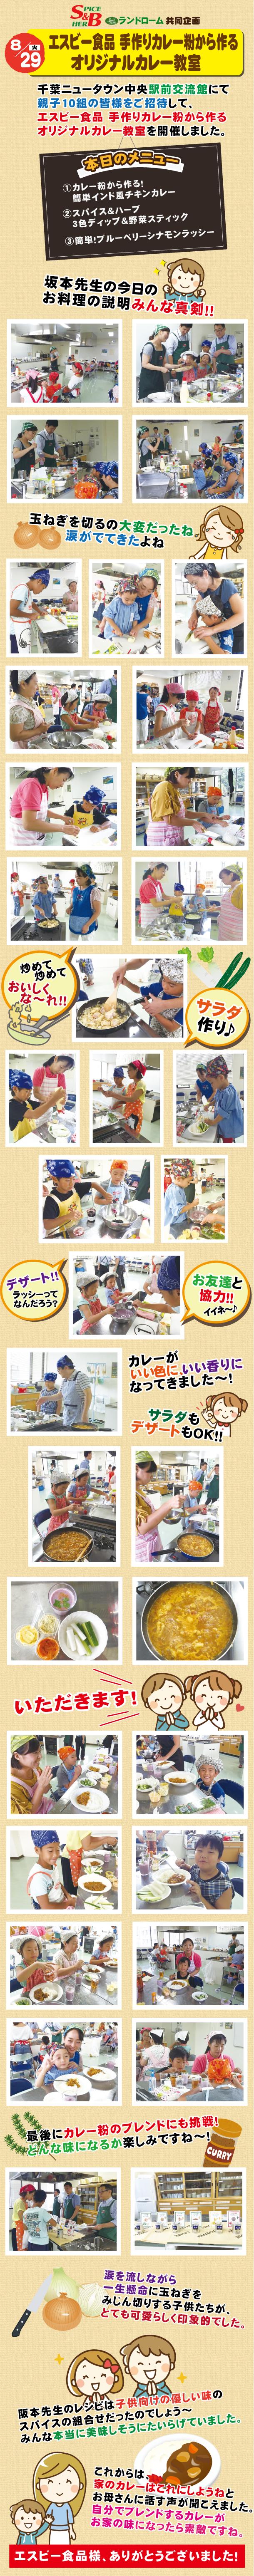 0829エスビ-料理教室